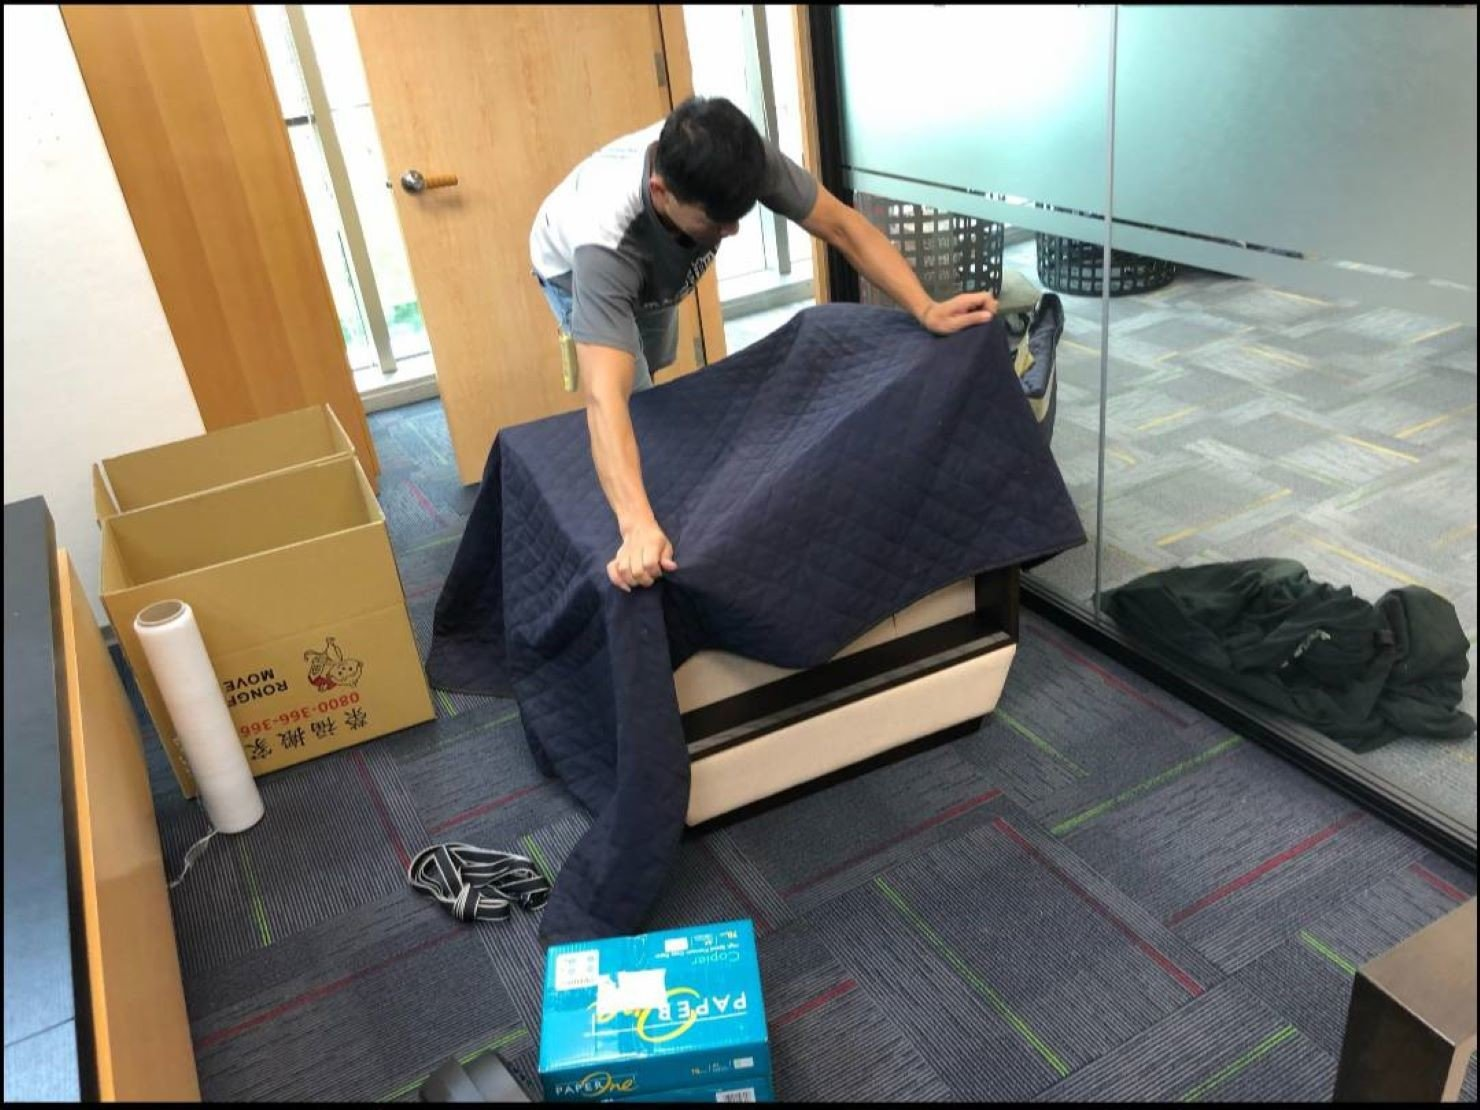 公司搬遷【榮福搬家】推薦搬公司給您最有優質搬家、最安全的搬運服務:單人沙發椅包裝方式-先包袱日式布套